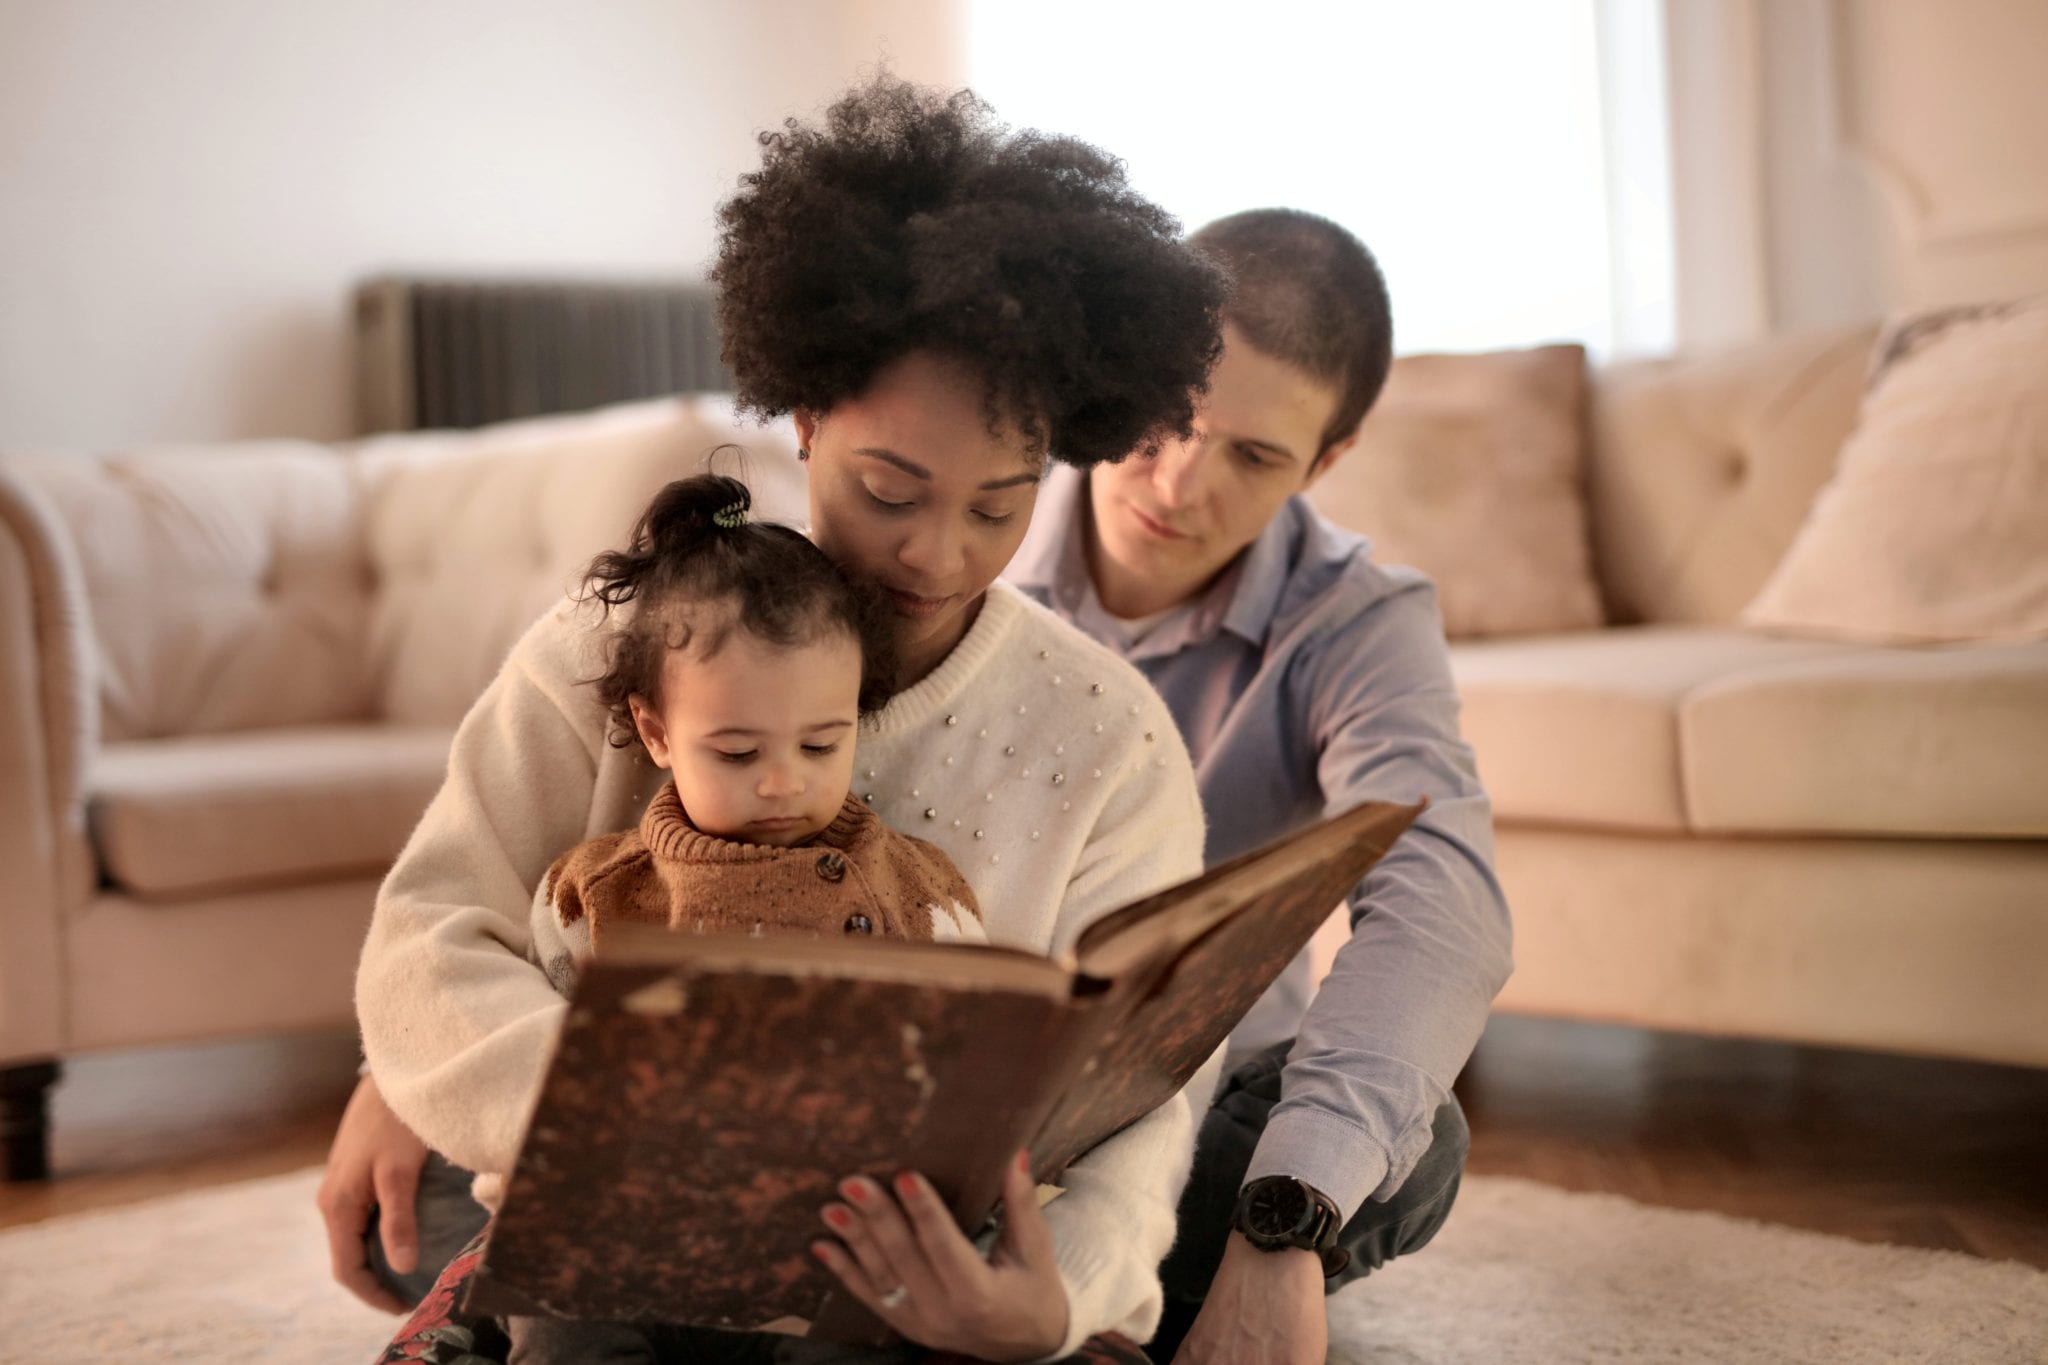 閱讀的重要性是什麼?從名人身上得到的啟發!